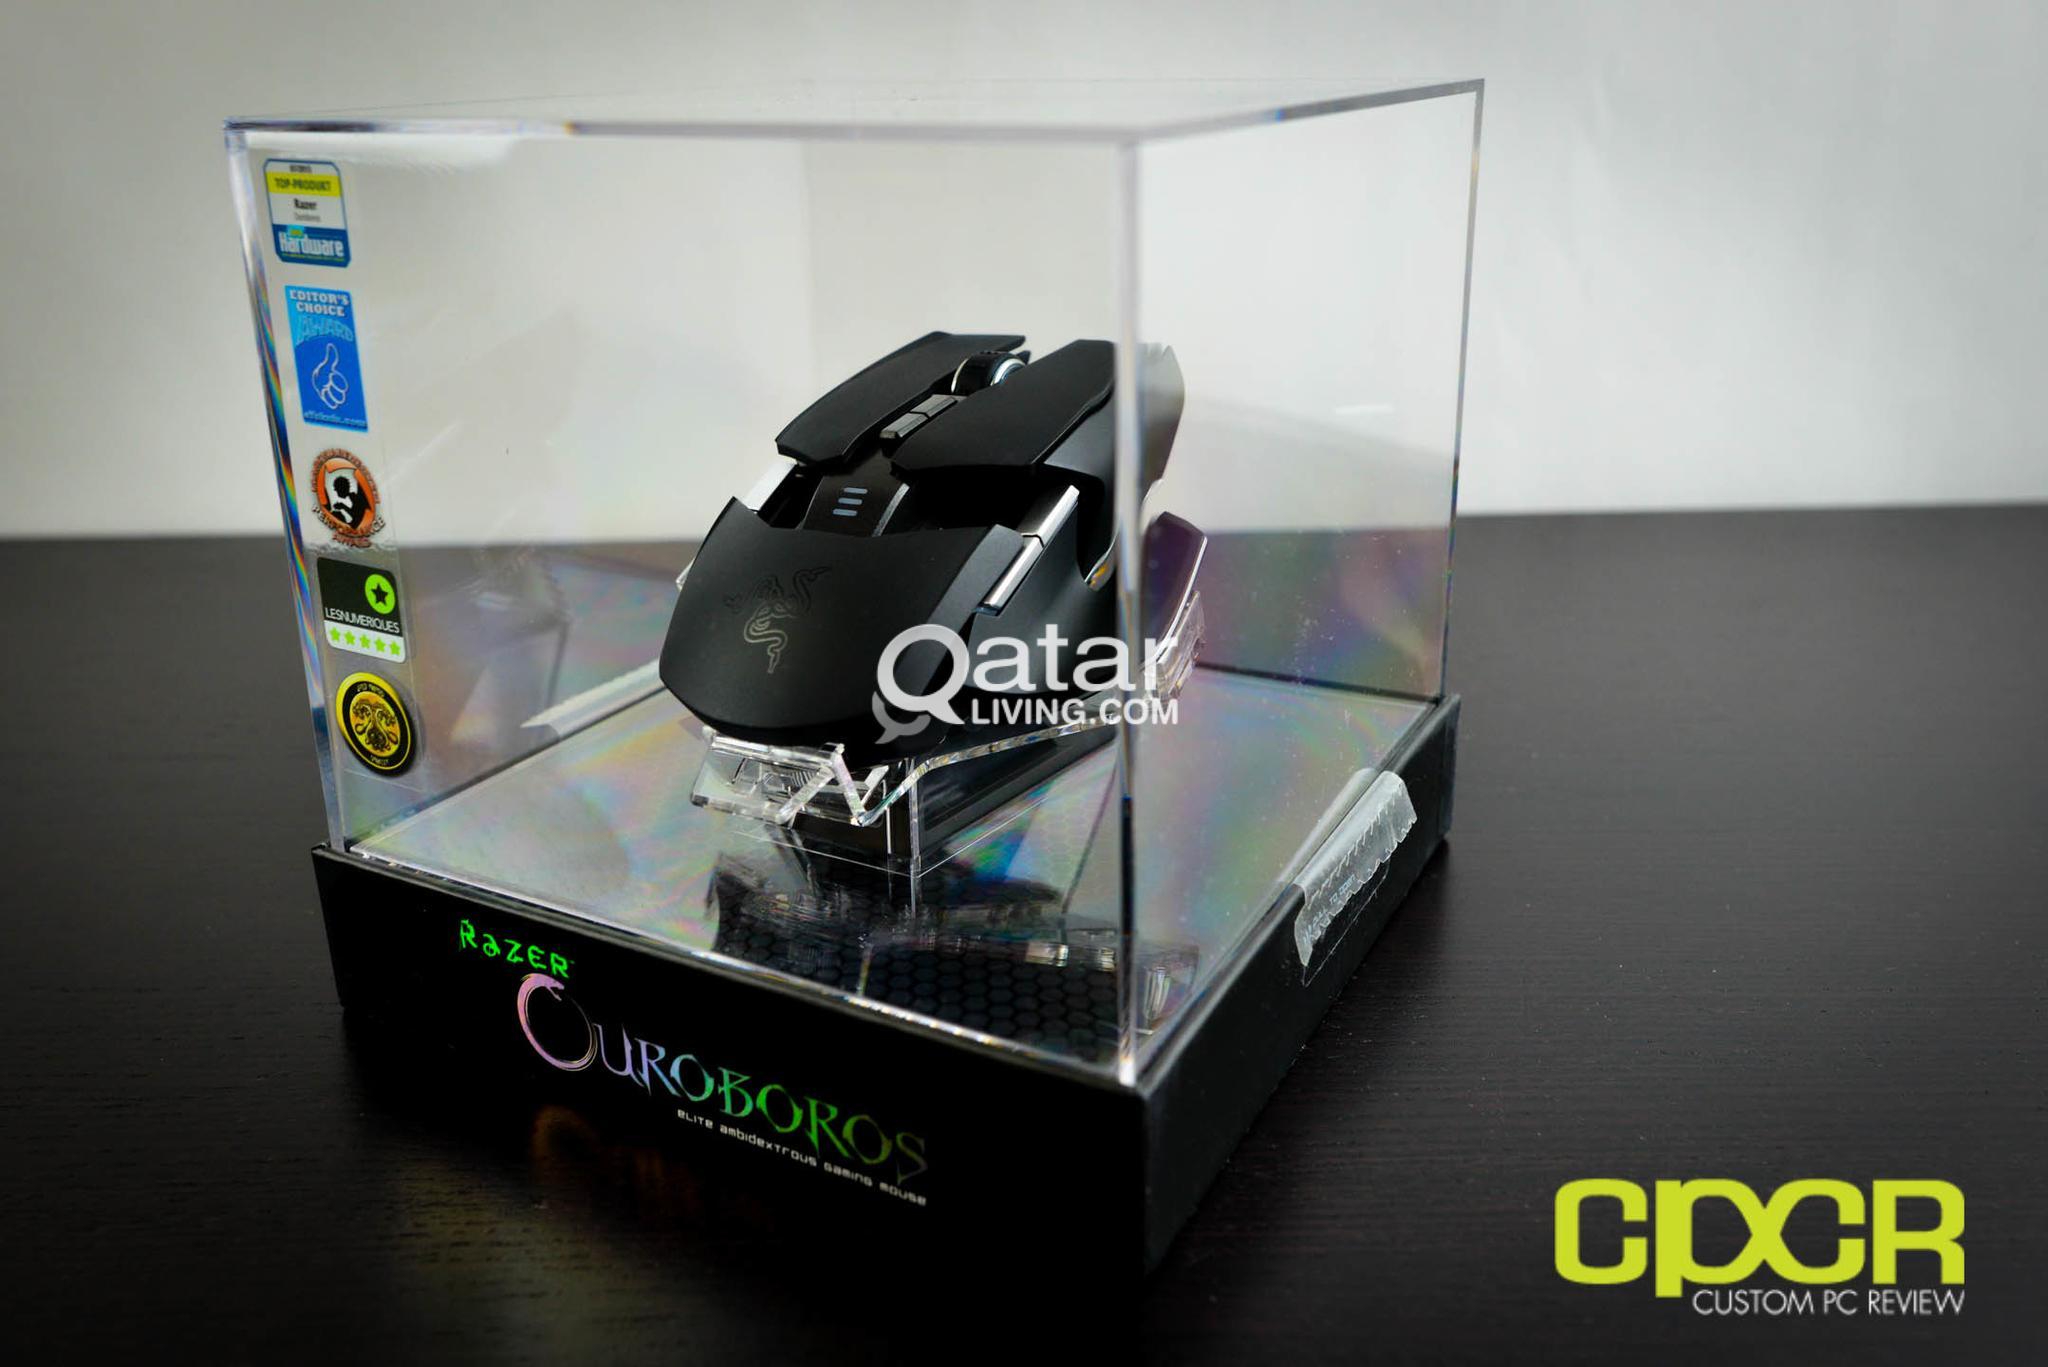 faa4179846e Razer Ouroboros Elite Ambidextrous Wired Gaming Mouse - 8200 DPI 4G Laser  Senso | Qatar Living